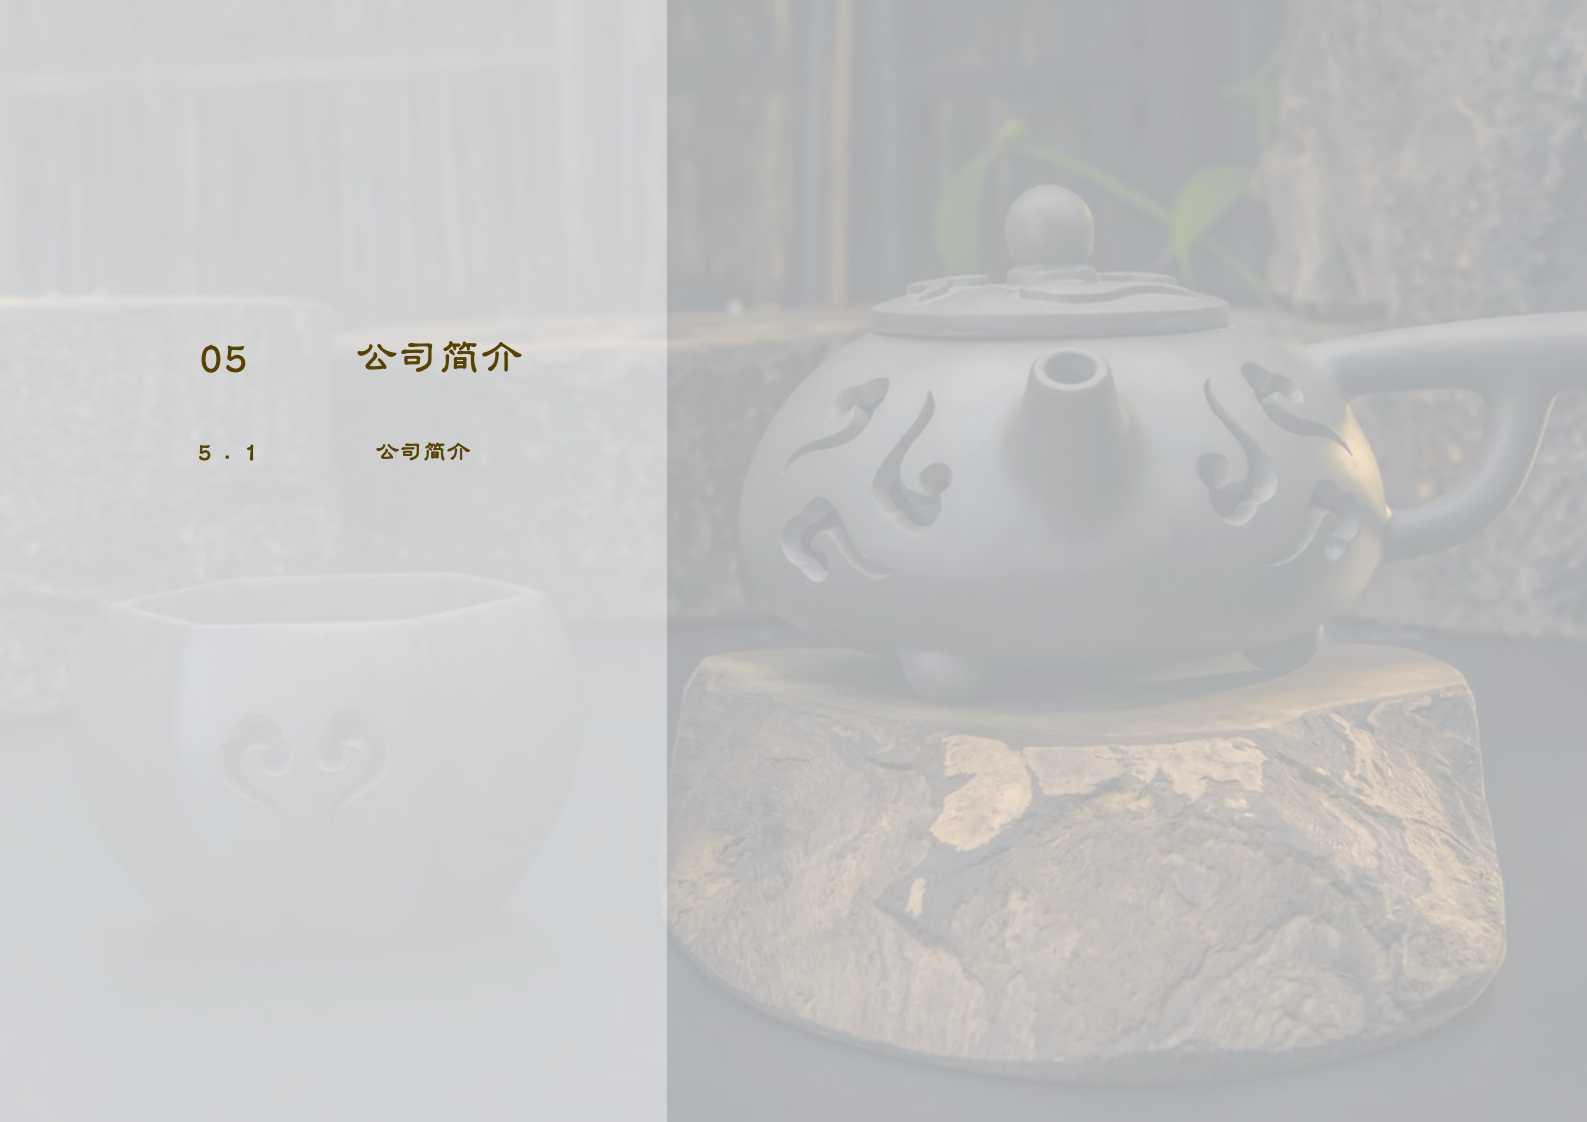 钦州坭兴陶特色小镇项目简介(4)_31.png